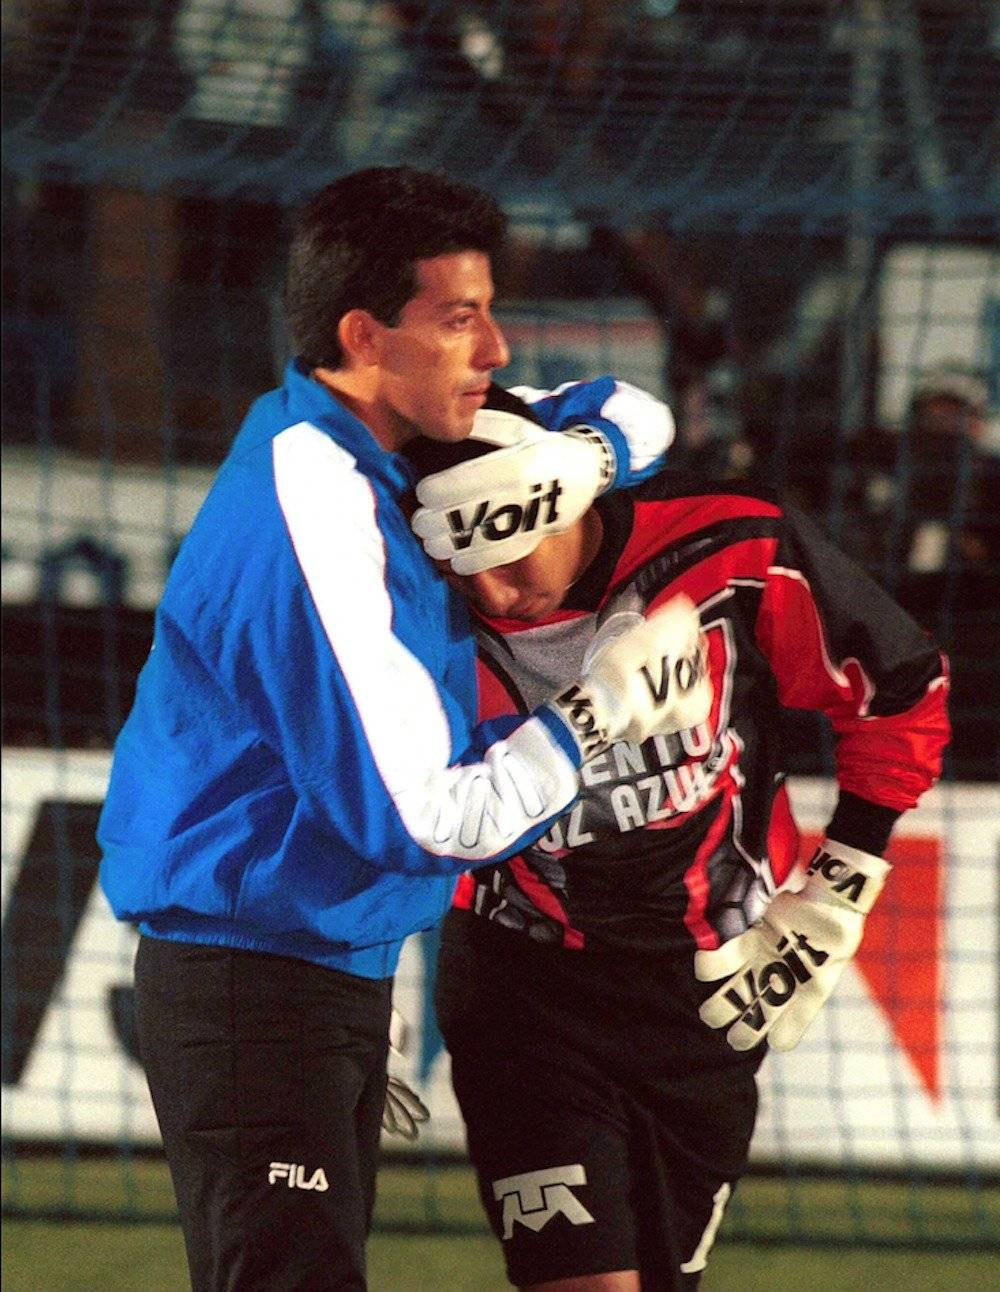 Pérez llora desconsolado tras caer en la final del Invierno 1999 ante Pachuca. / Mexsport